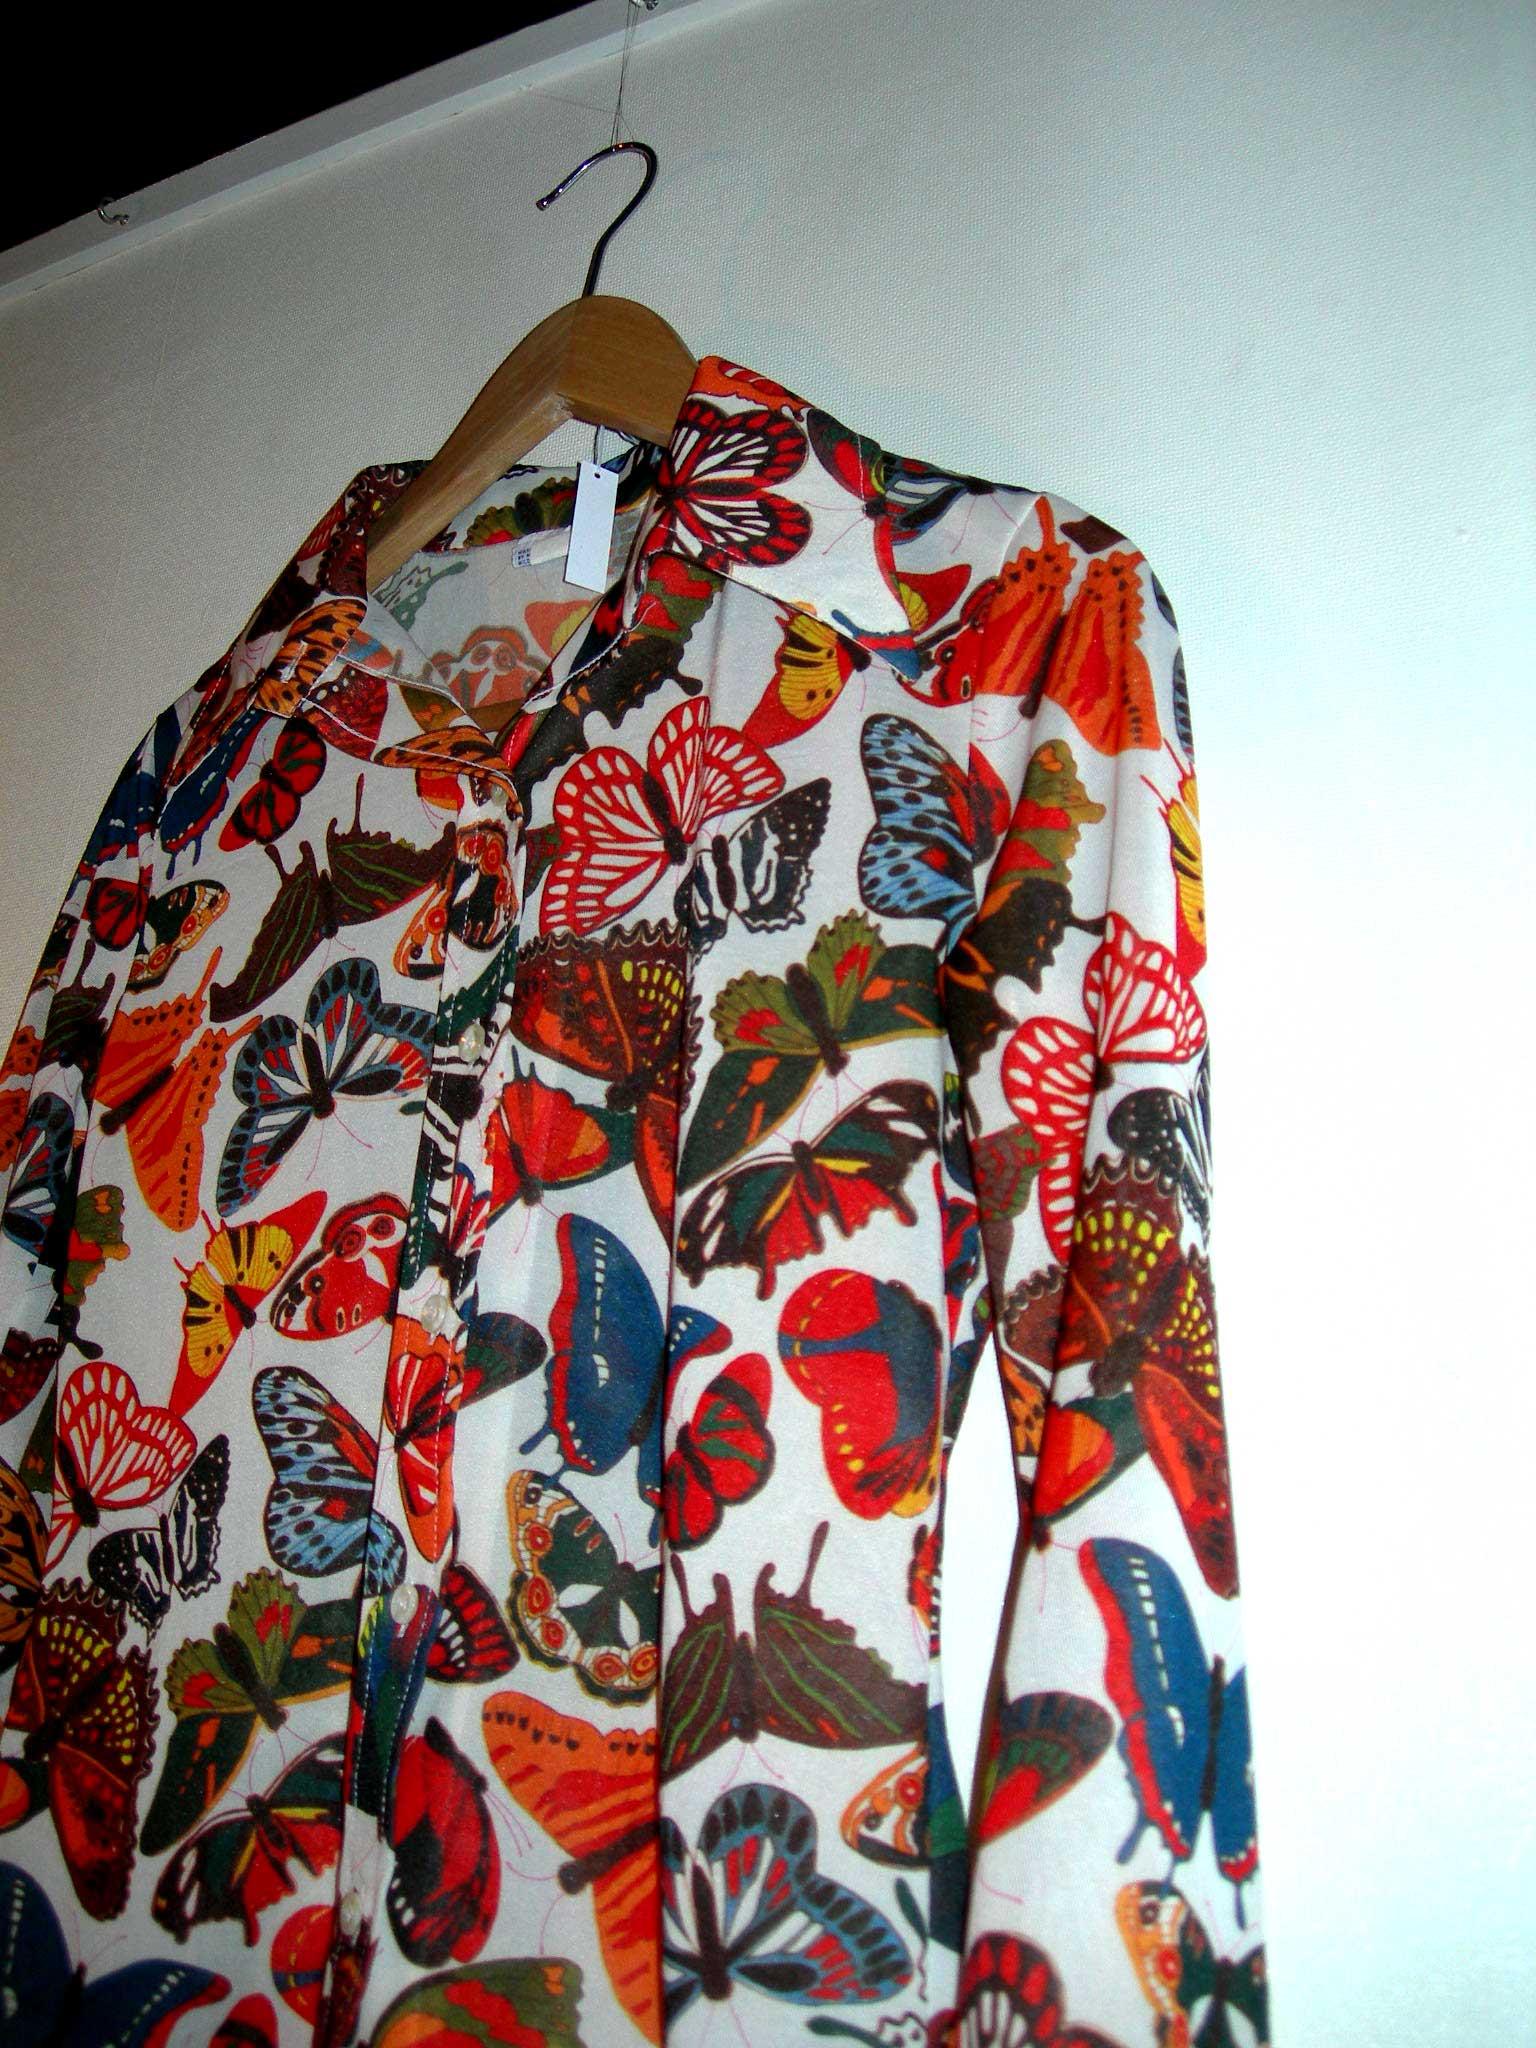 スキップな蝶々のフォトプリントのポリシャツ_c0078333_20552631.jpg